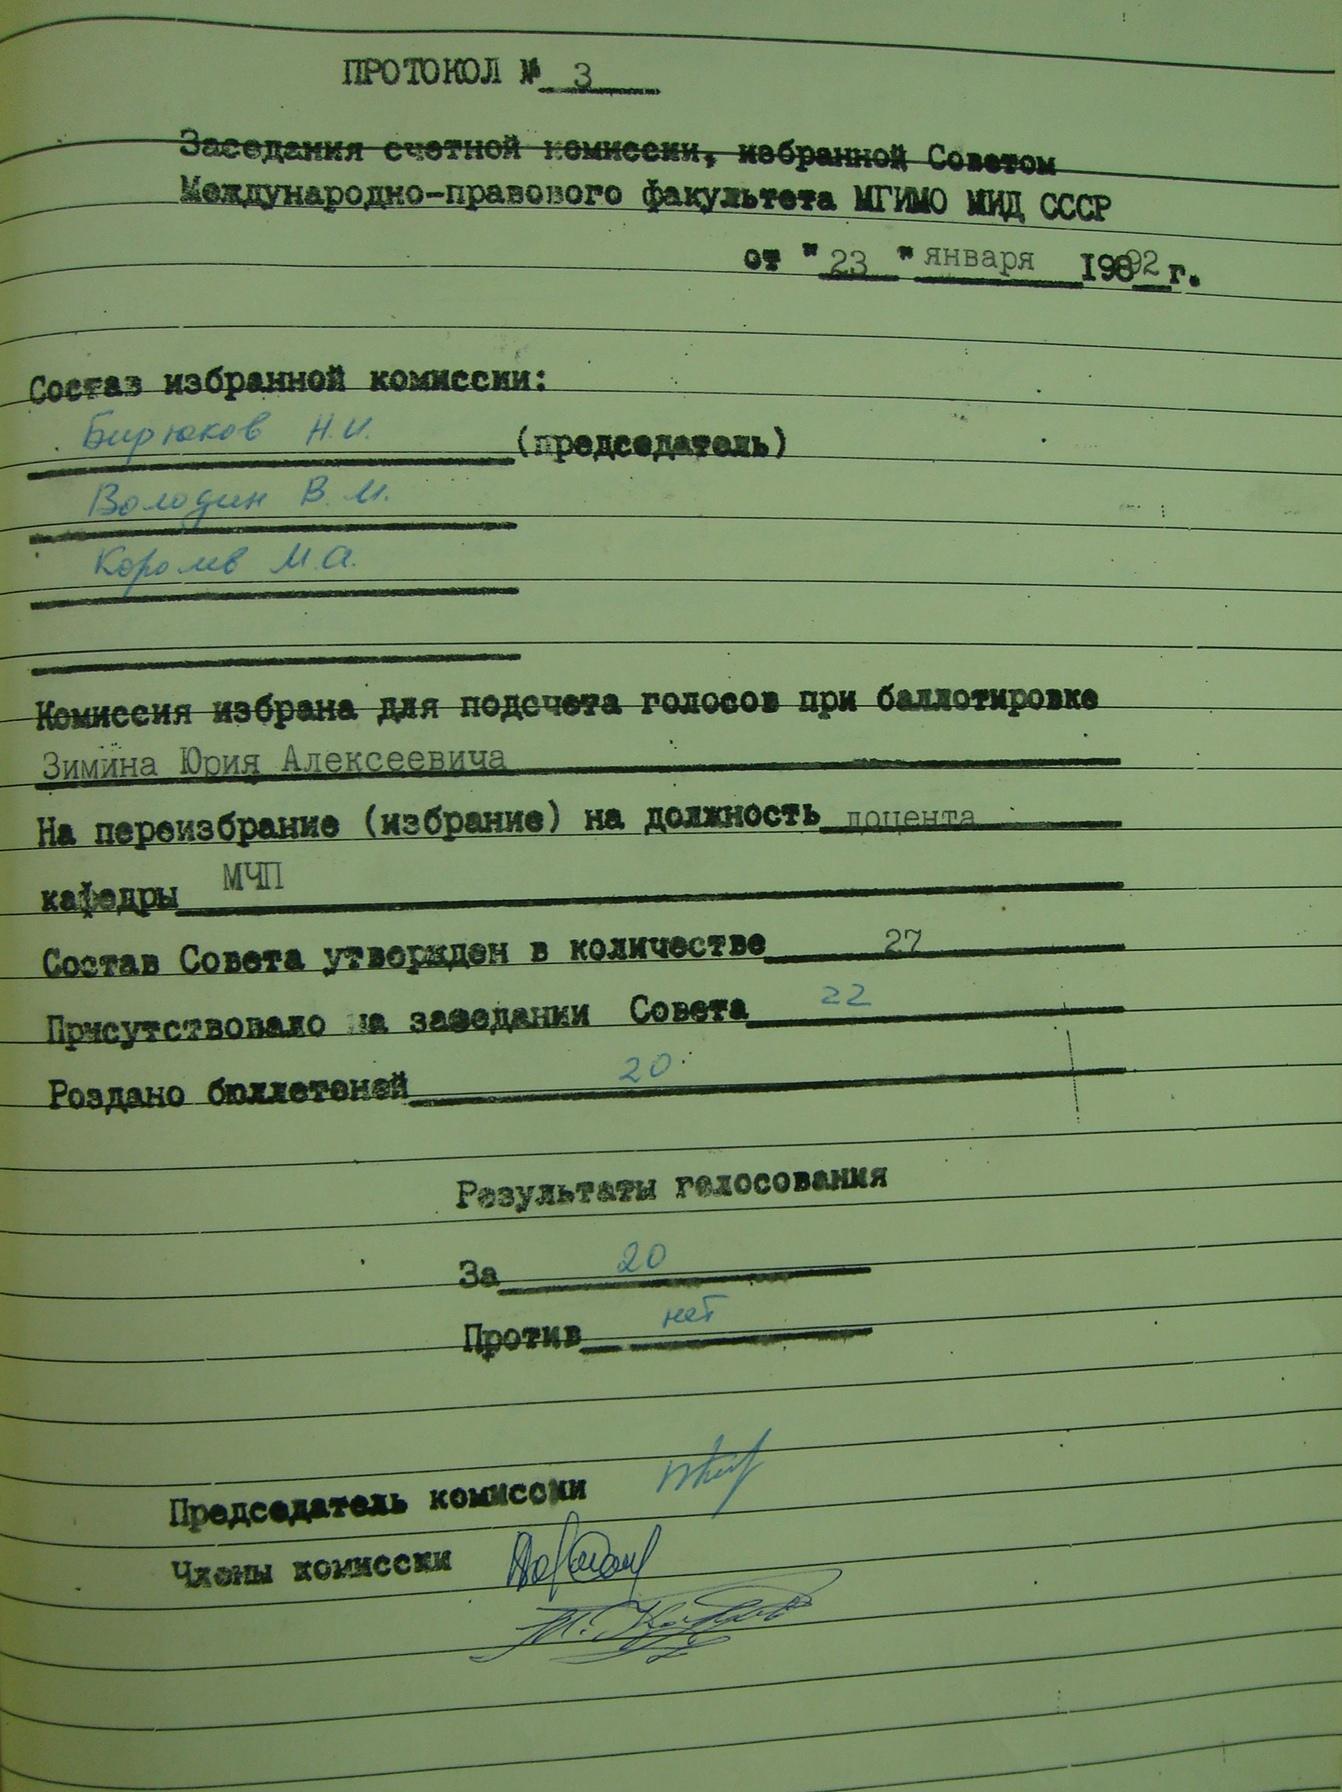 образец протокола заседания комиссии образец